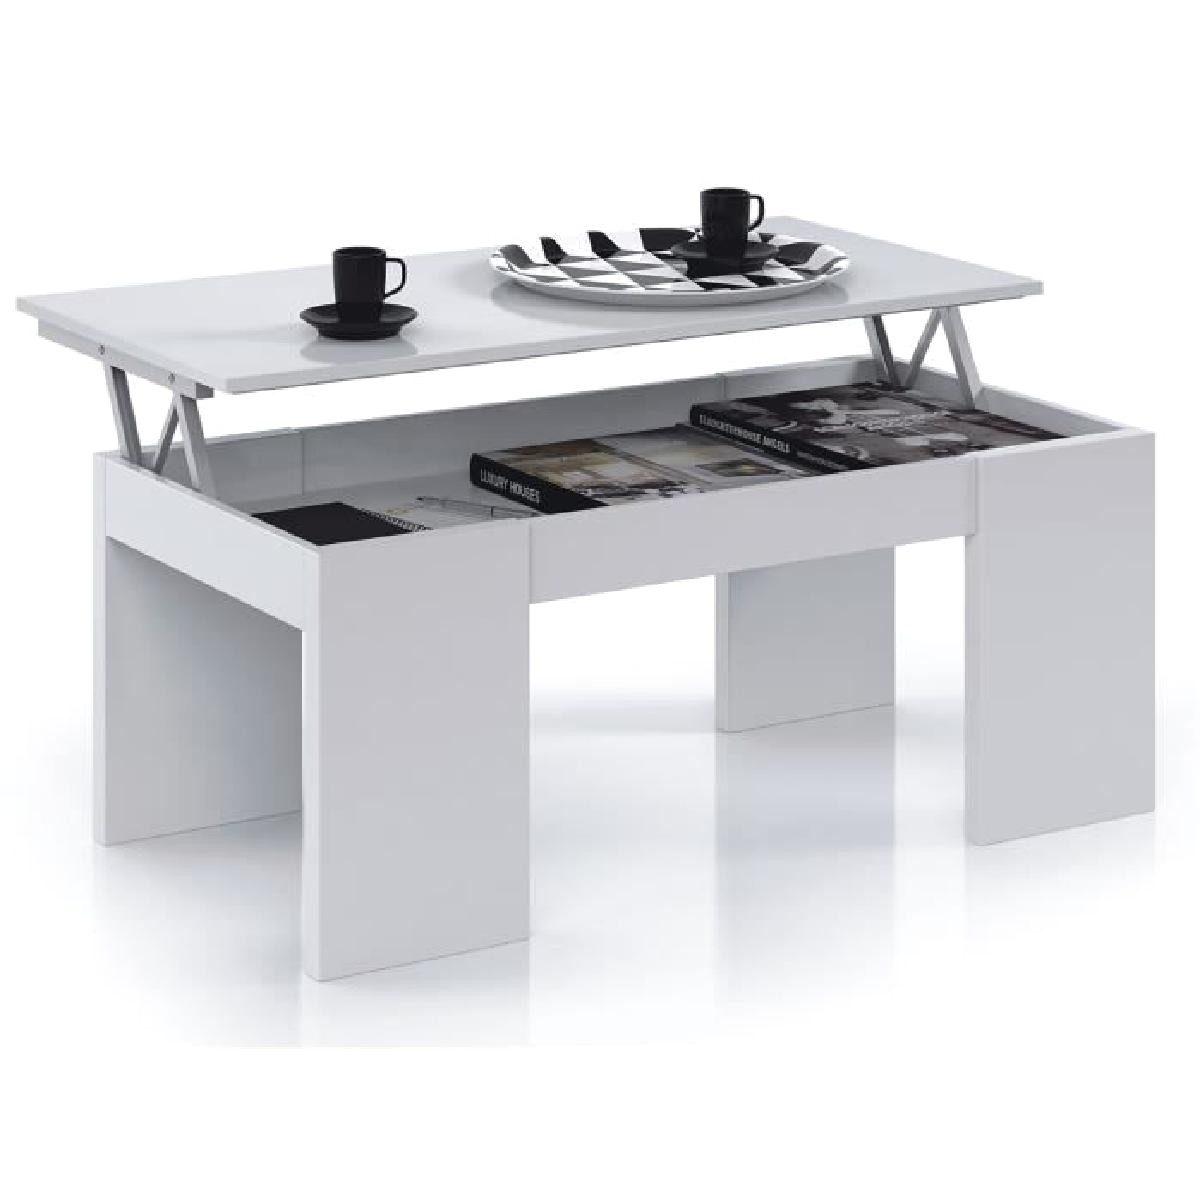 LEVI Table Basse Rectangulaire Relevable Laqu E Blanc Tables Avec …